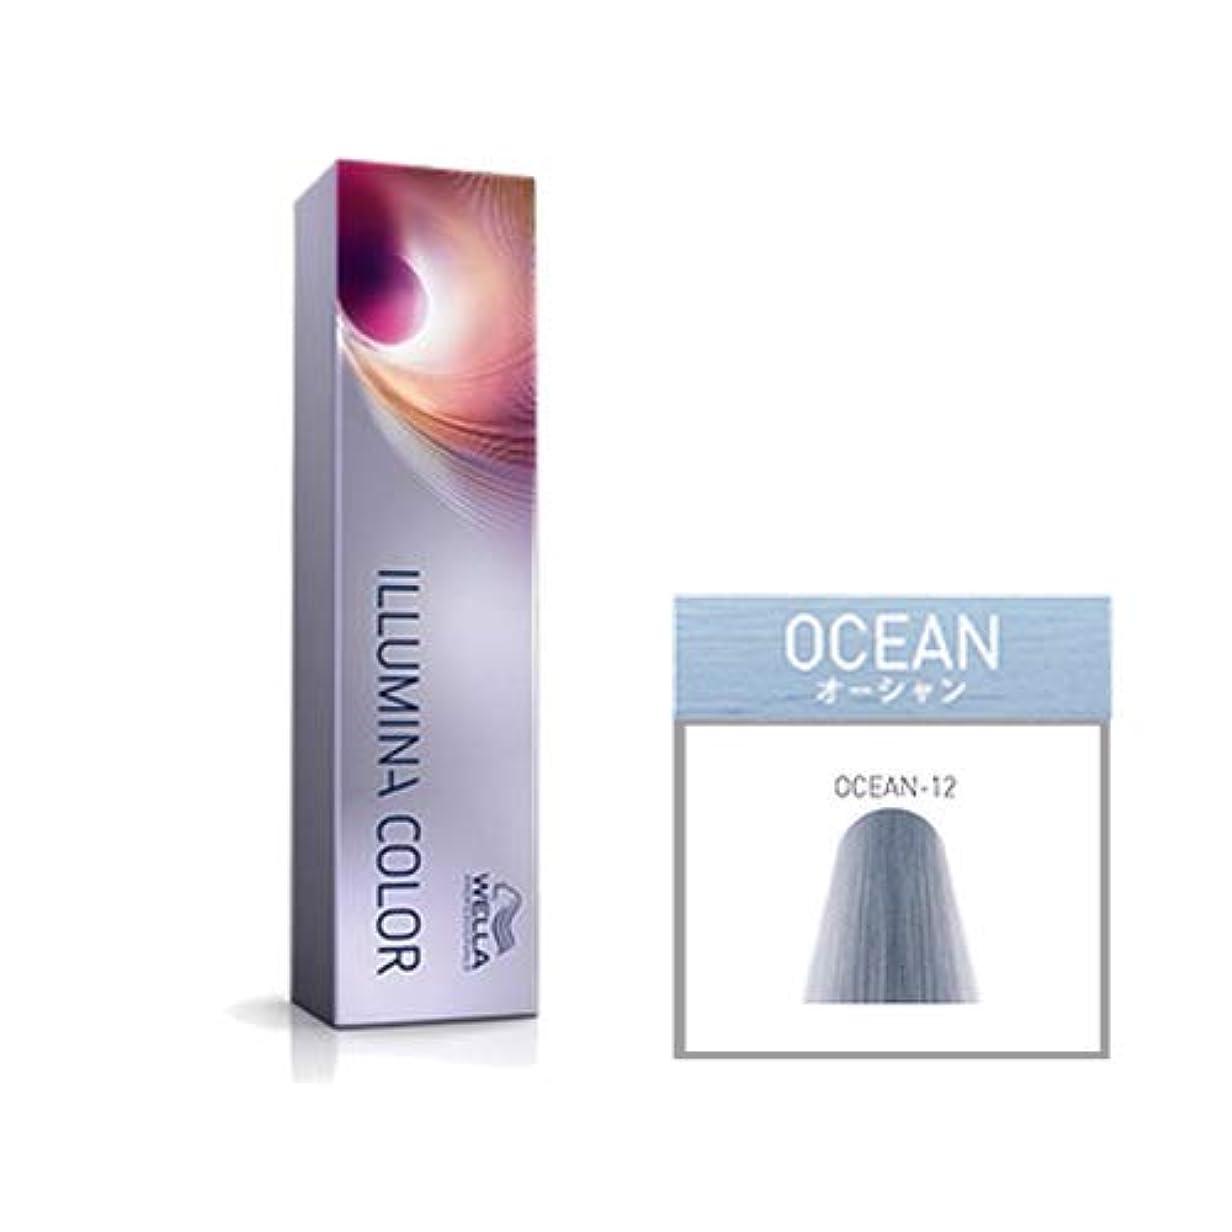 データファンド効果ウエラ プロフェッショナル イルミナ カラー オーシャン OCEAN-12 80g